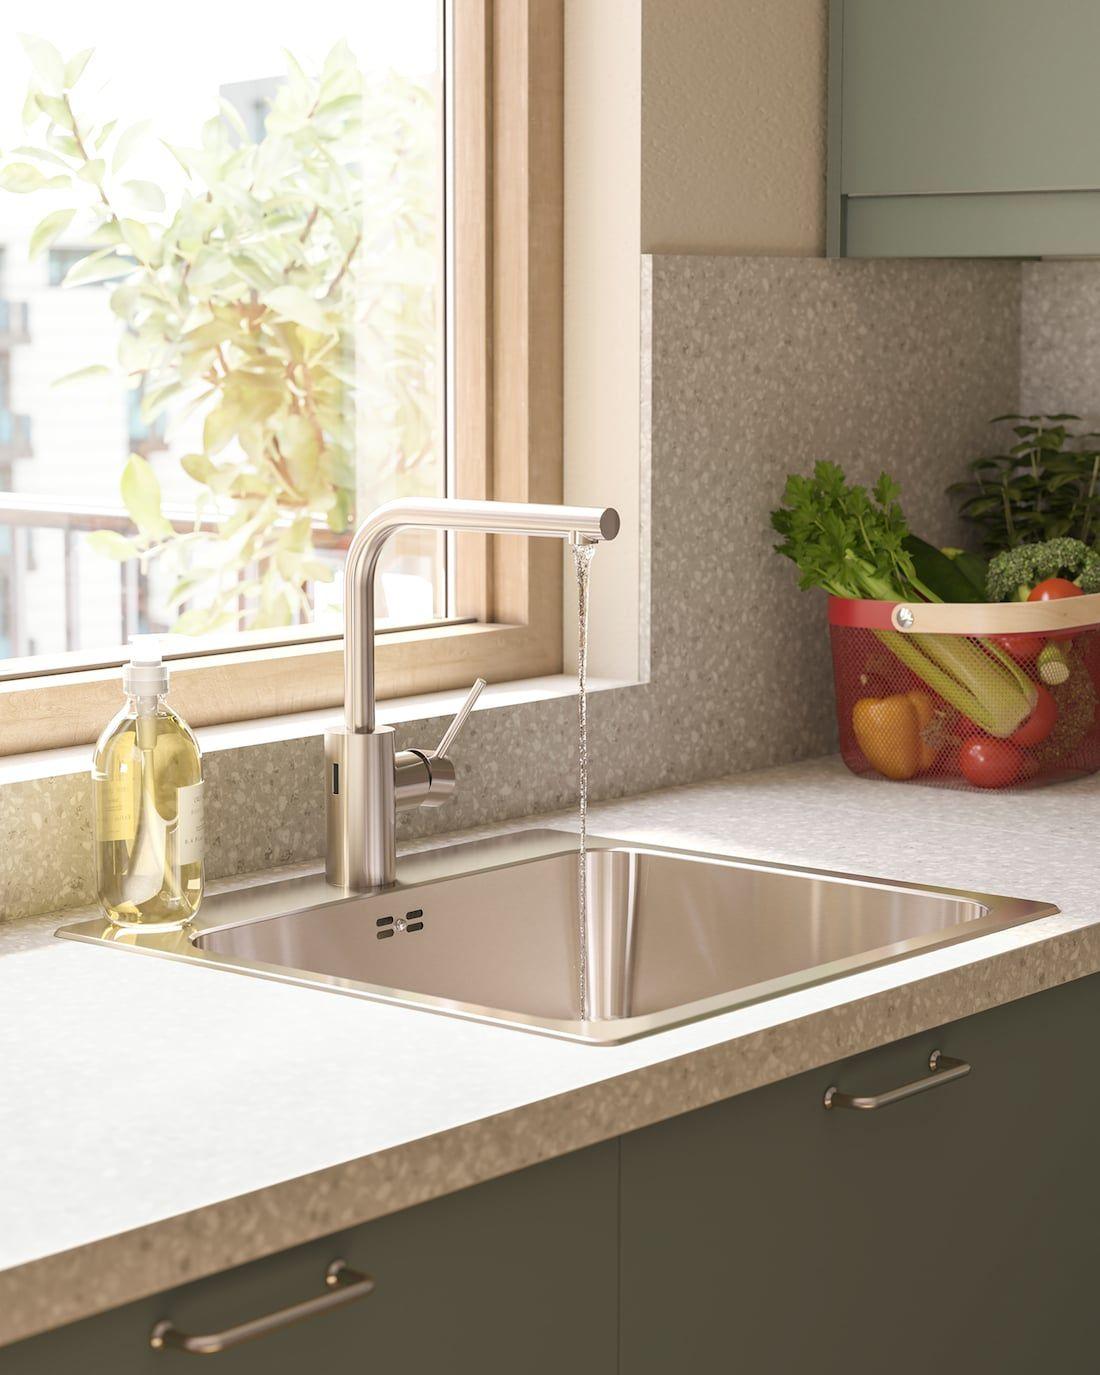 Et grønt og miljøbevidst køkken in 2020 Ikea, Green